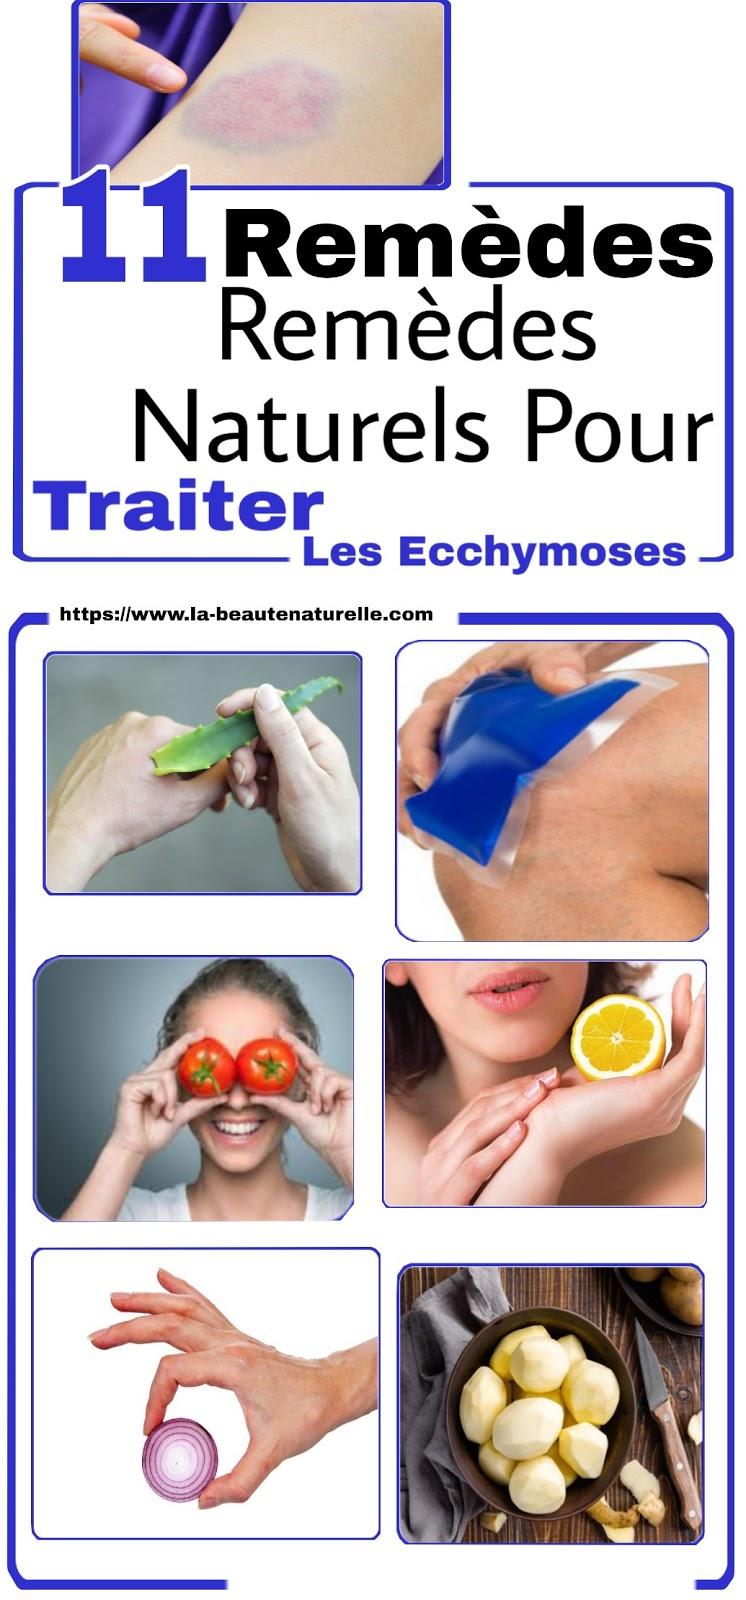 11 Remèdes Naturels Pour Traiter Les Ecchymoses